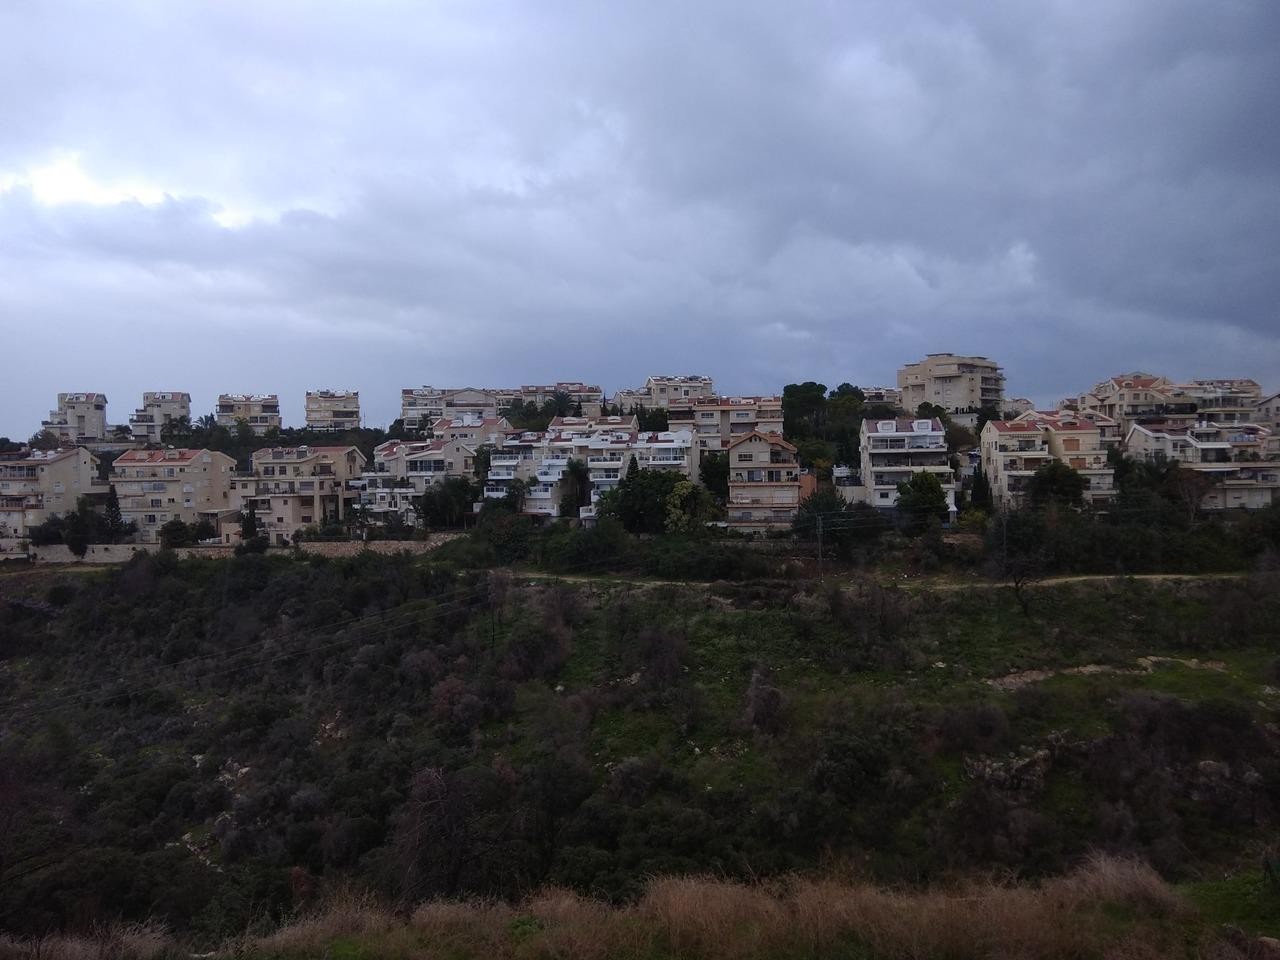 שכונה בחיפה (צילום: רמי שלוש)